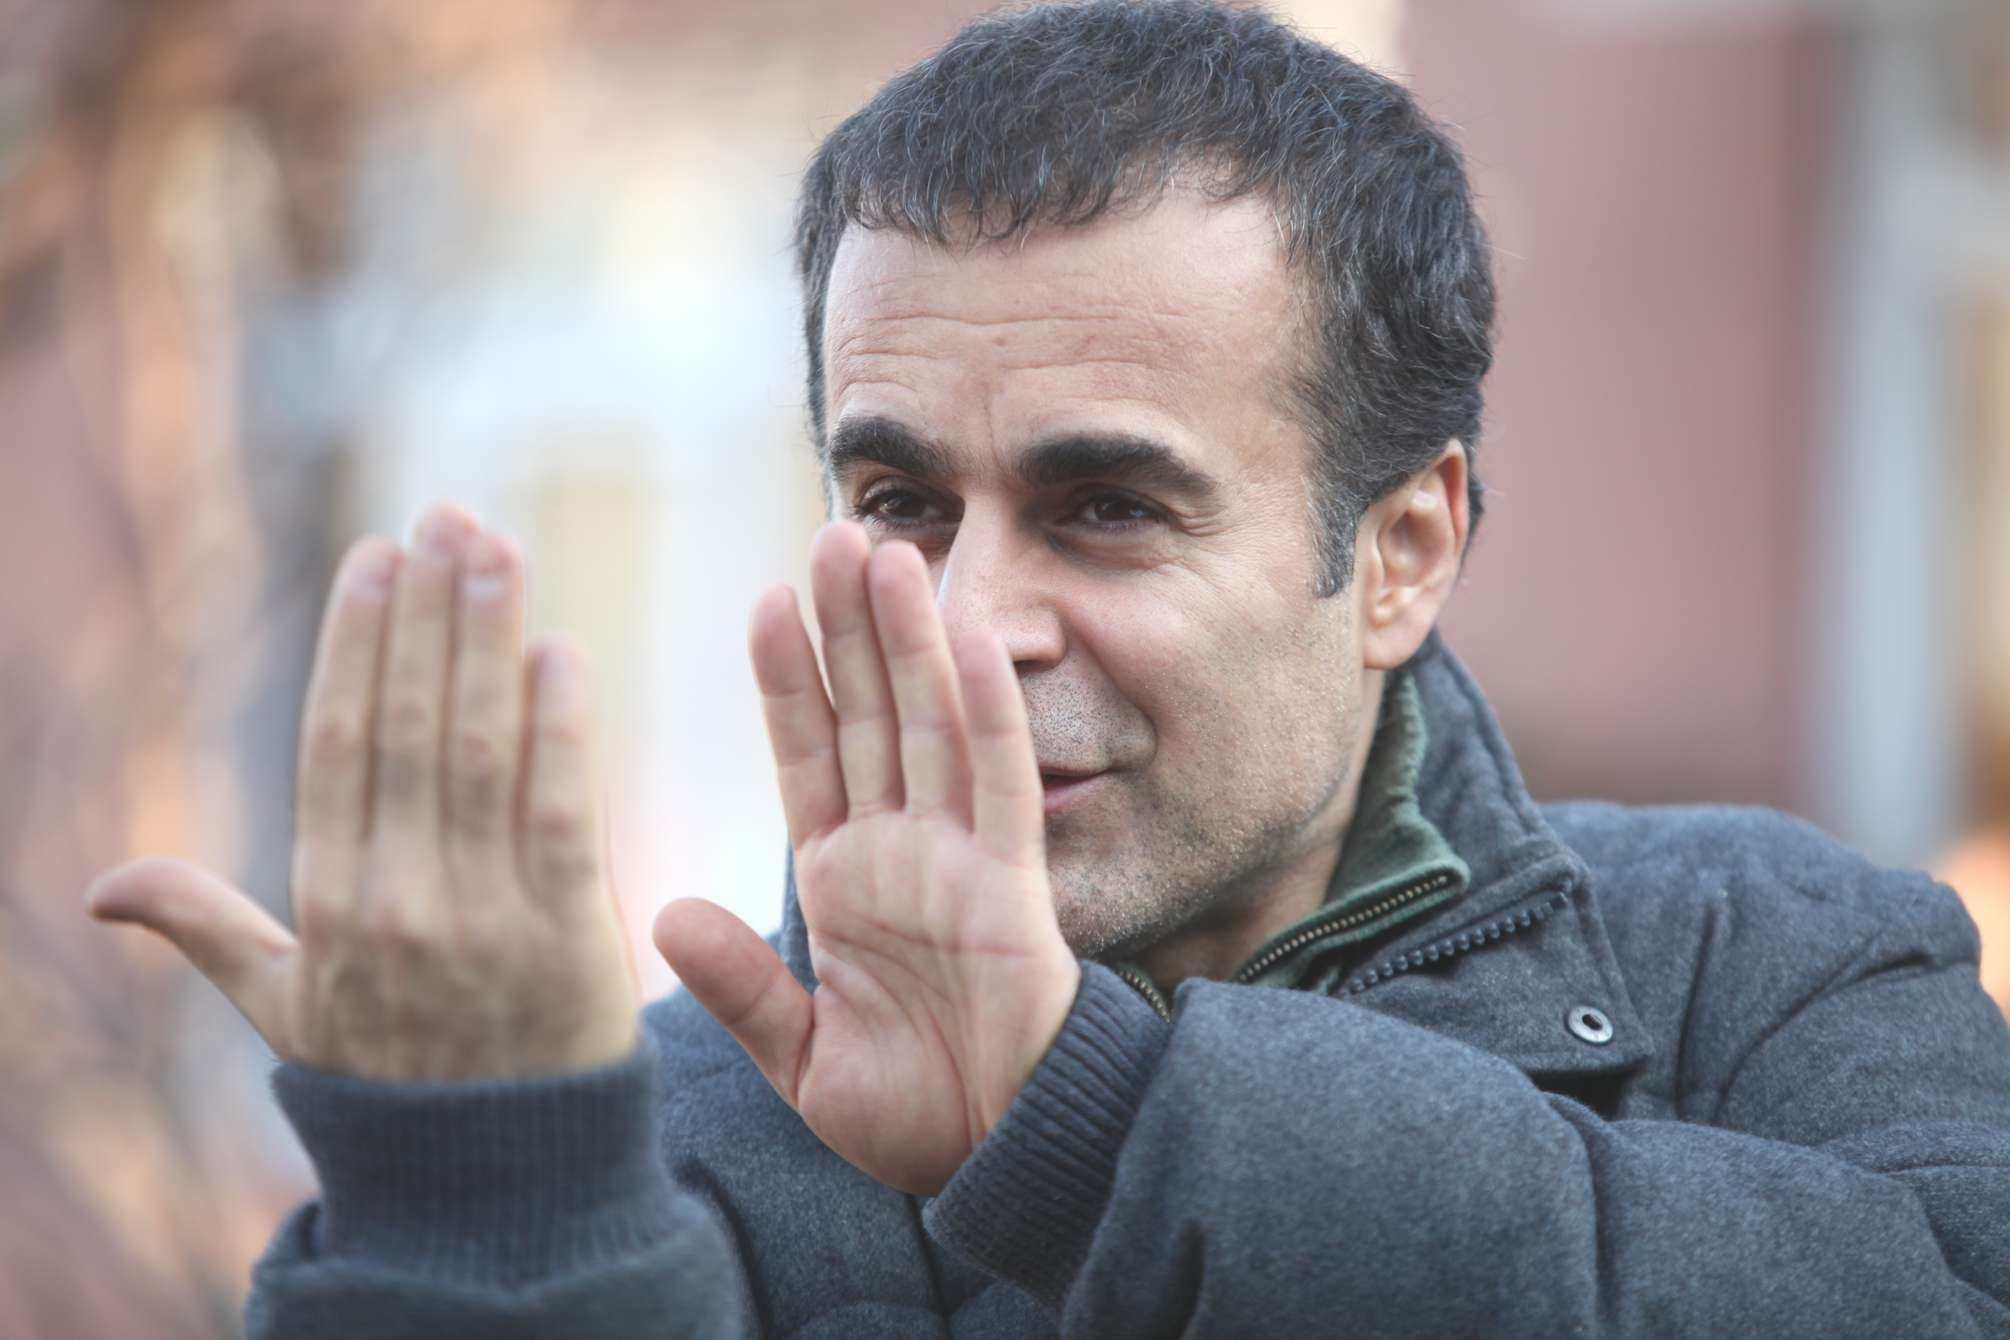 5R - İranlı Yönetmen Bahman Ghobadi'den 5 Film - Rotka